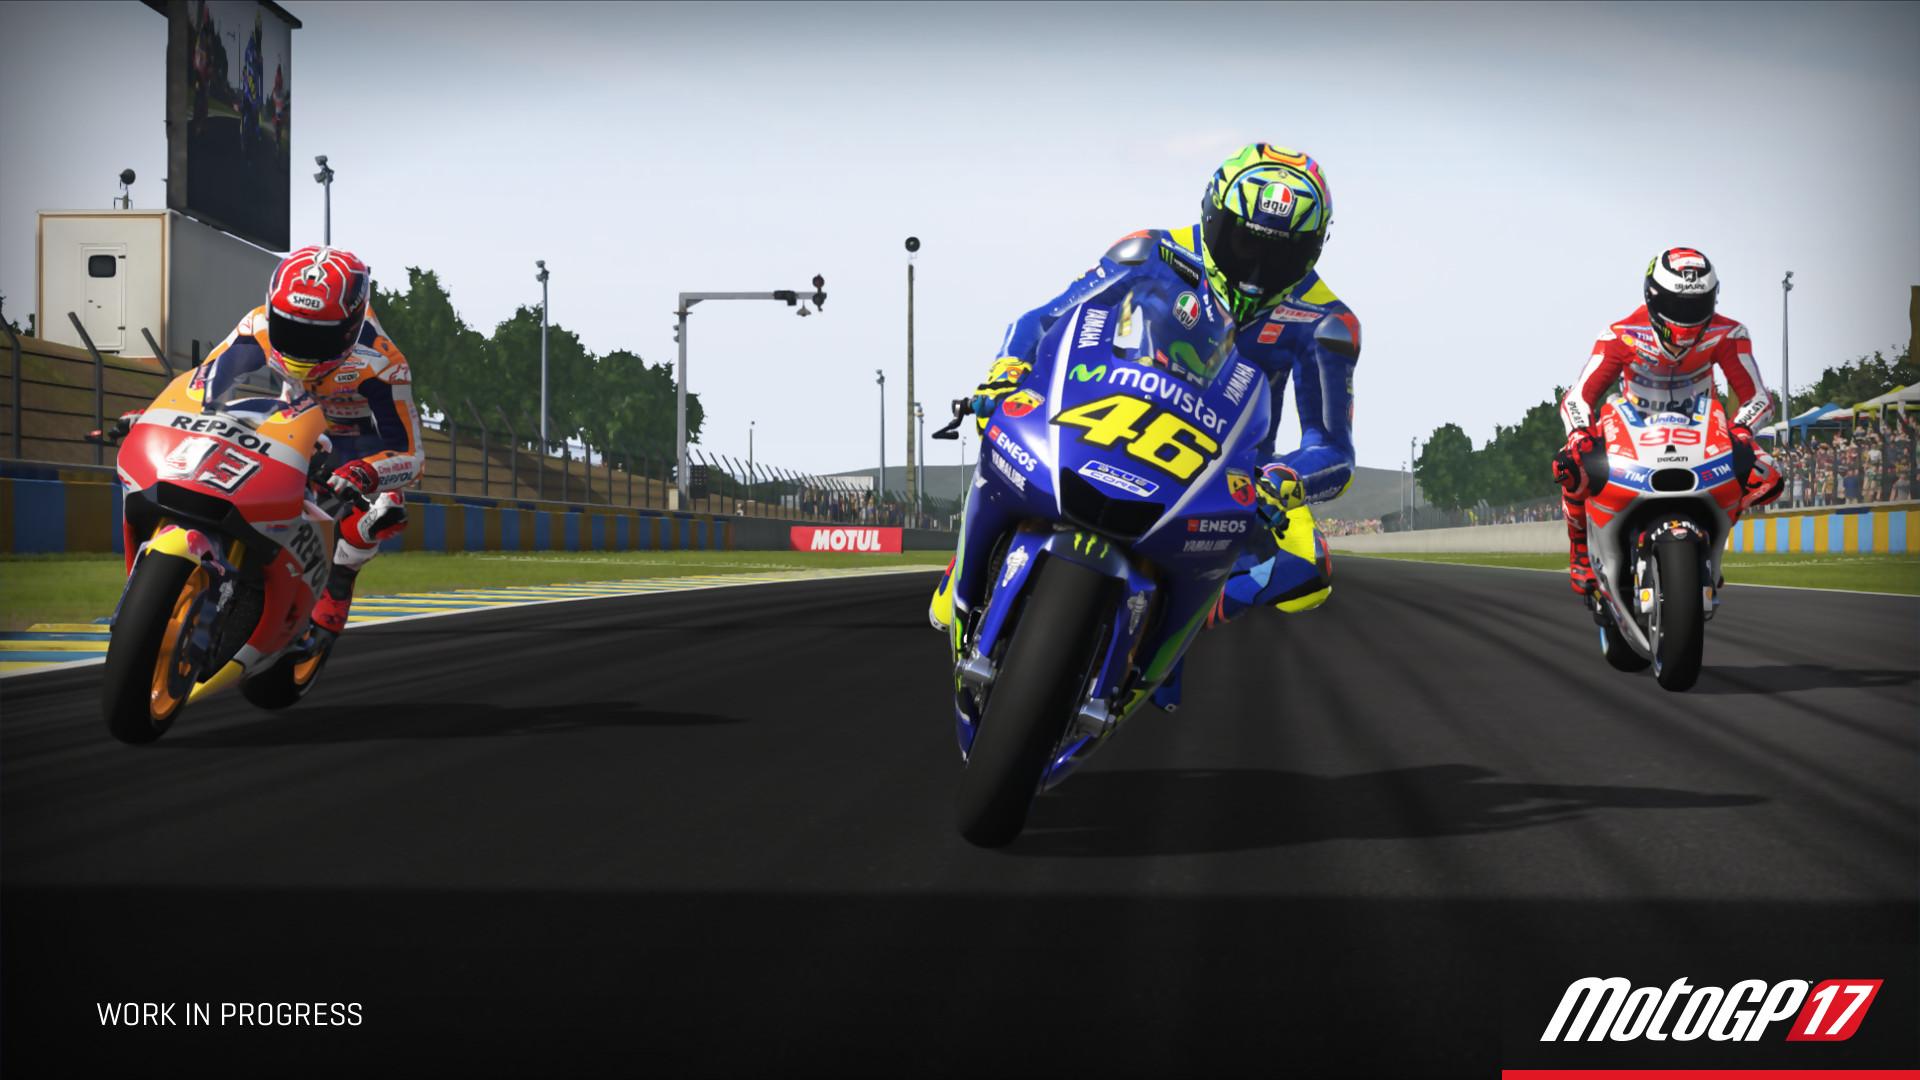 MotoGP 17 : trailer de gameplay de Rossi, Lorenzo et Marquez